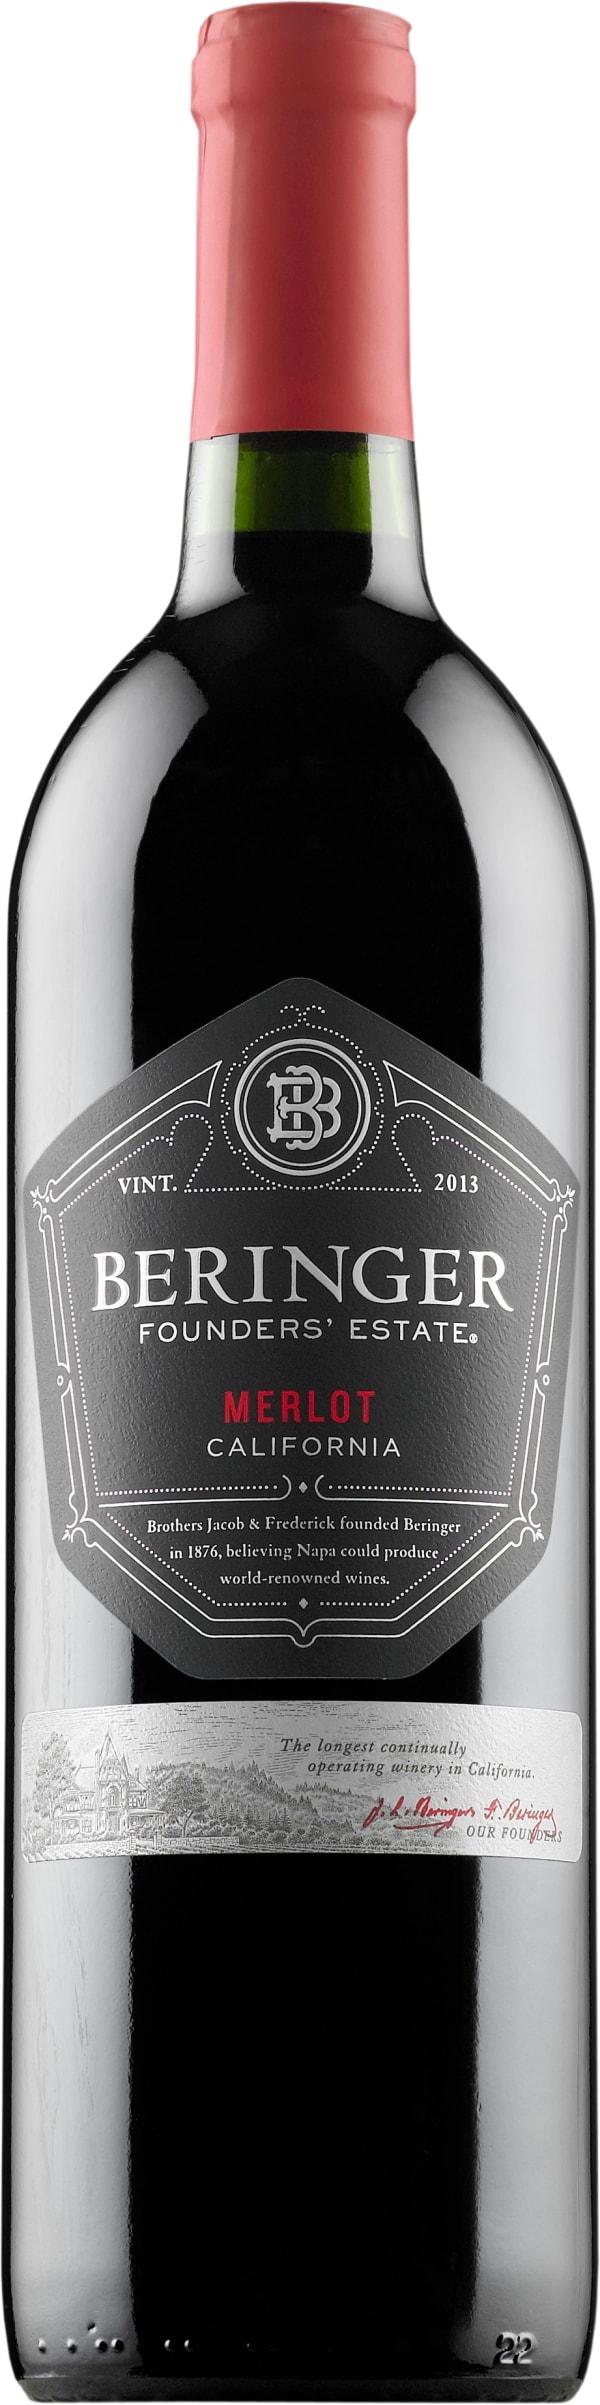 Beringer Founder's Estate Merlot 2015